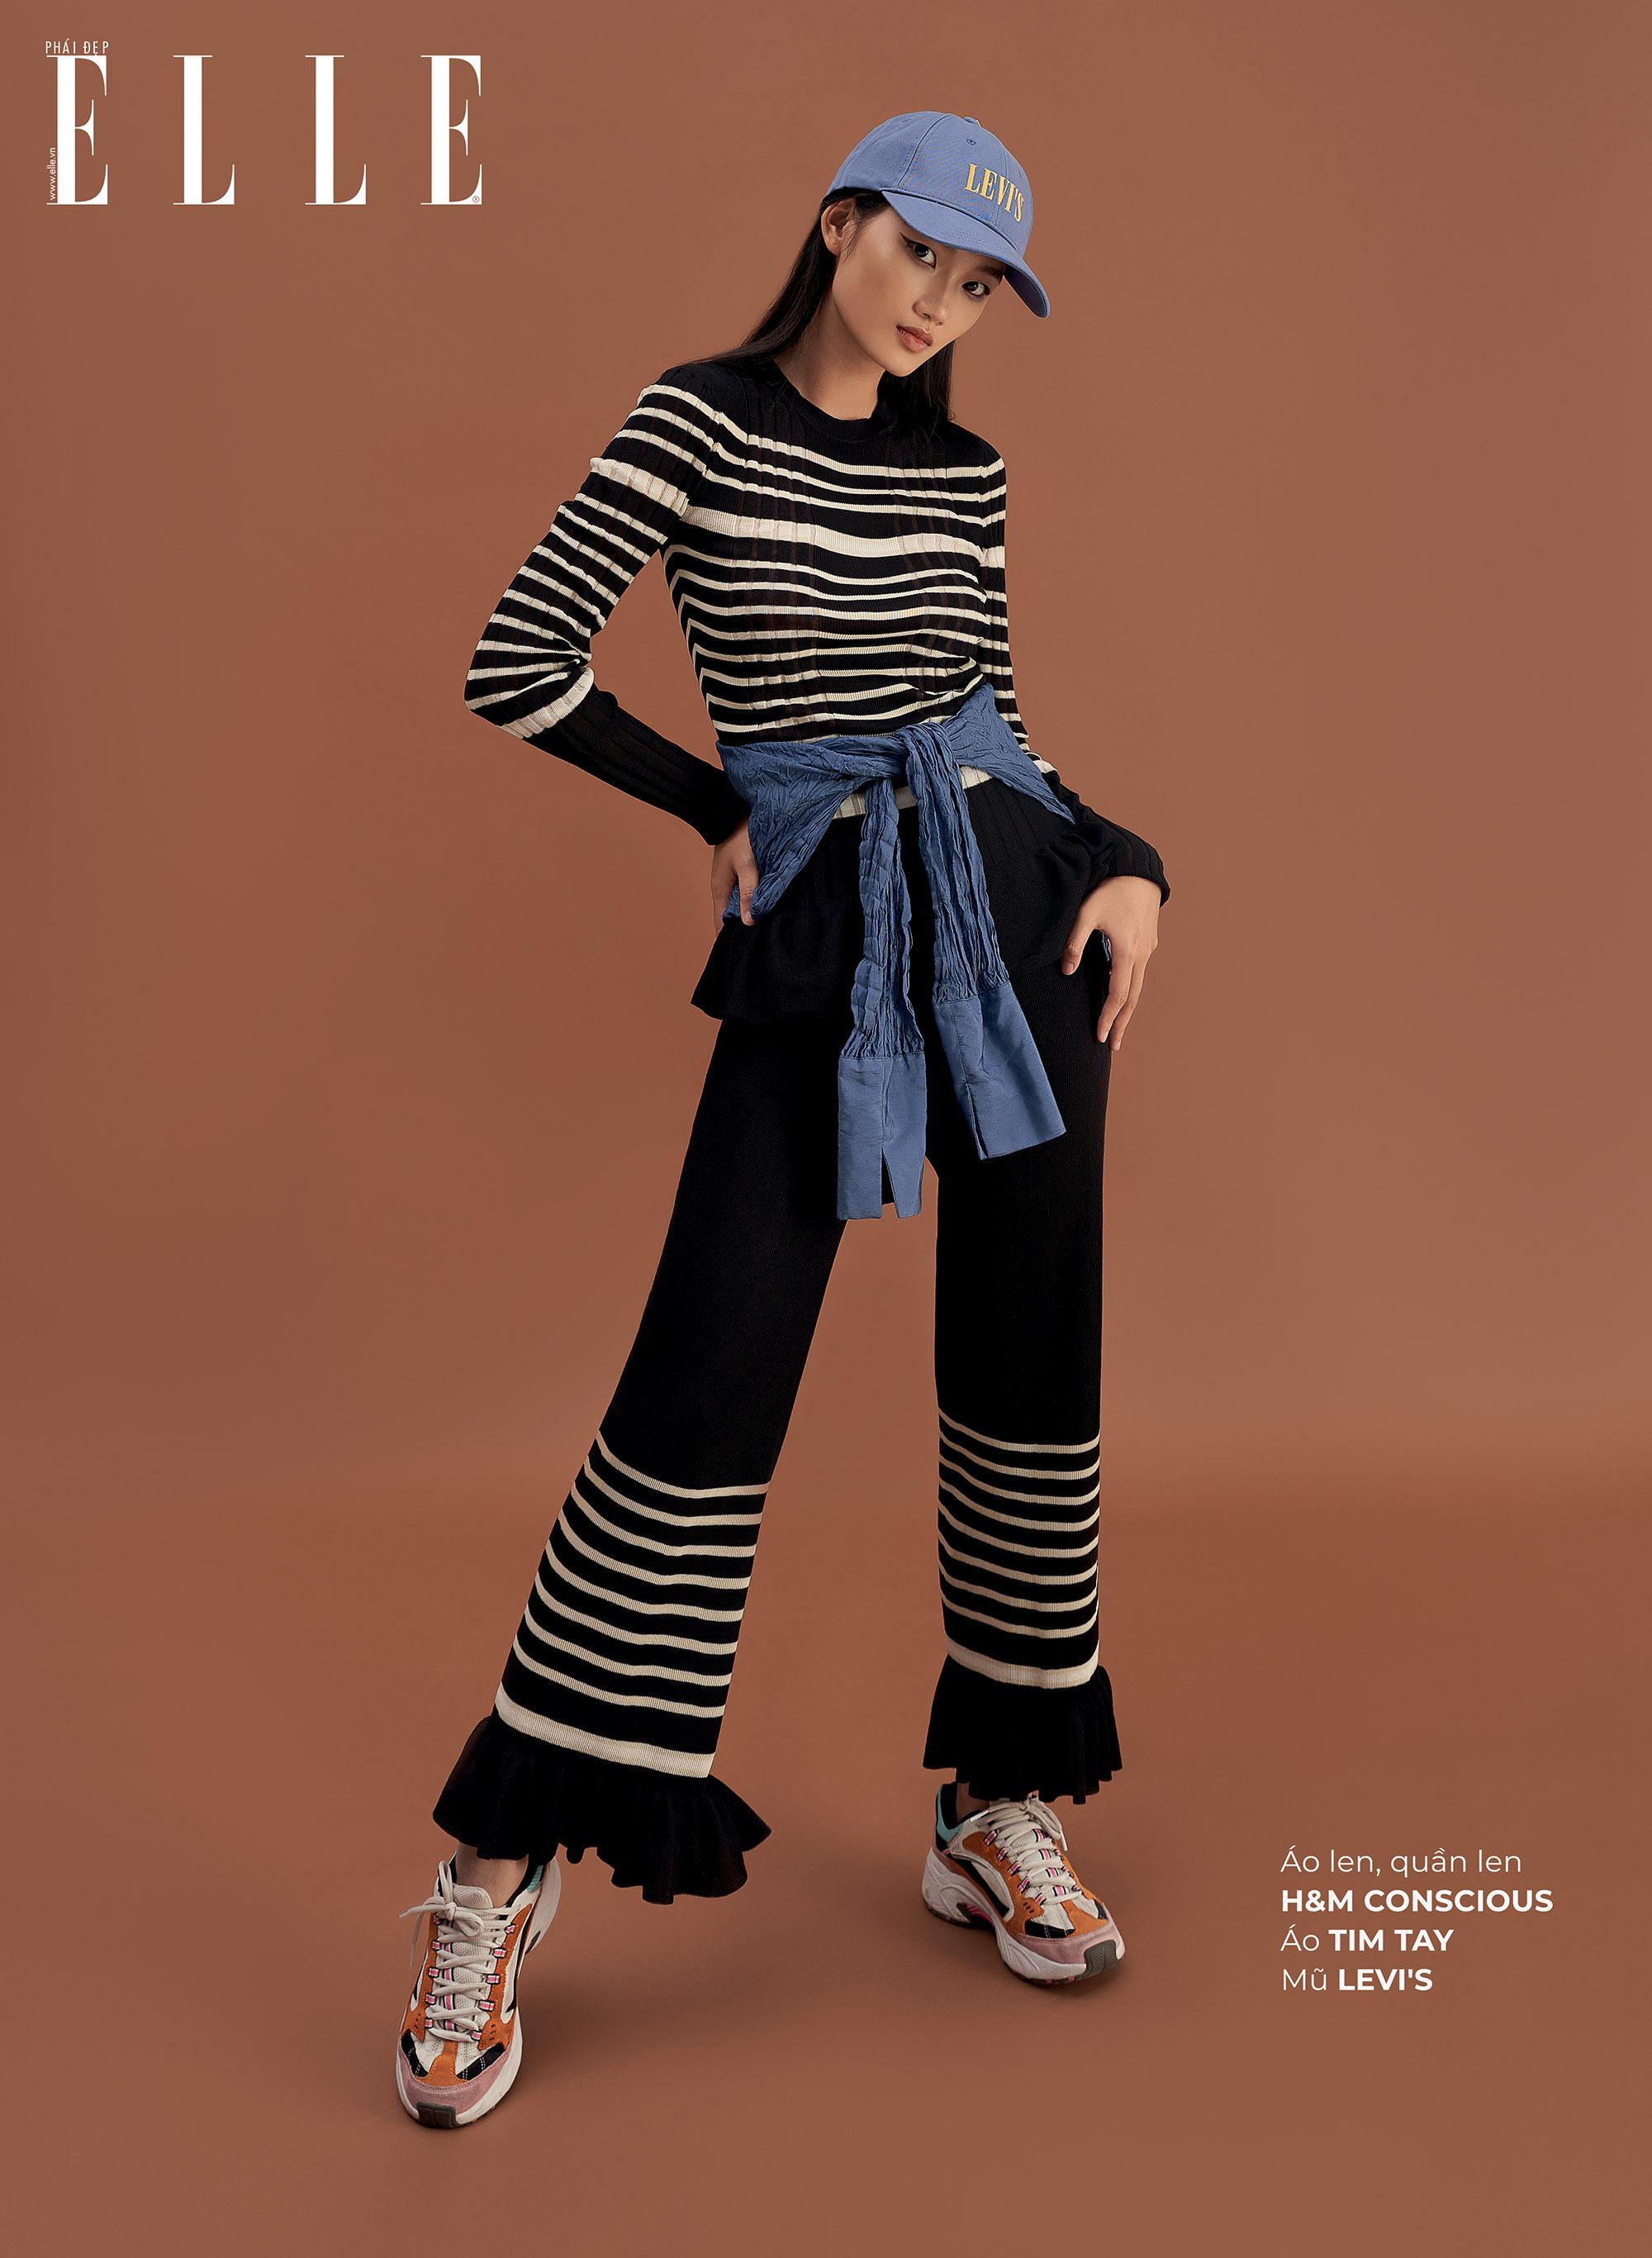 mặc đẹp theo phong cách đồng quê quần ống loe và áo sơ mi denim